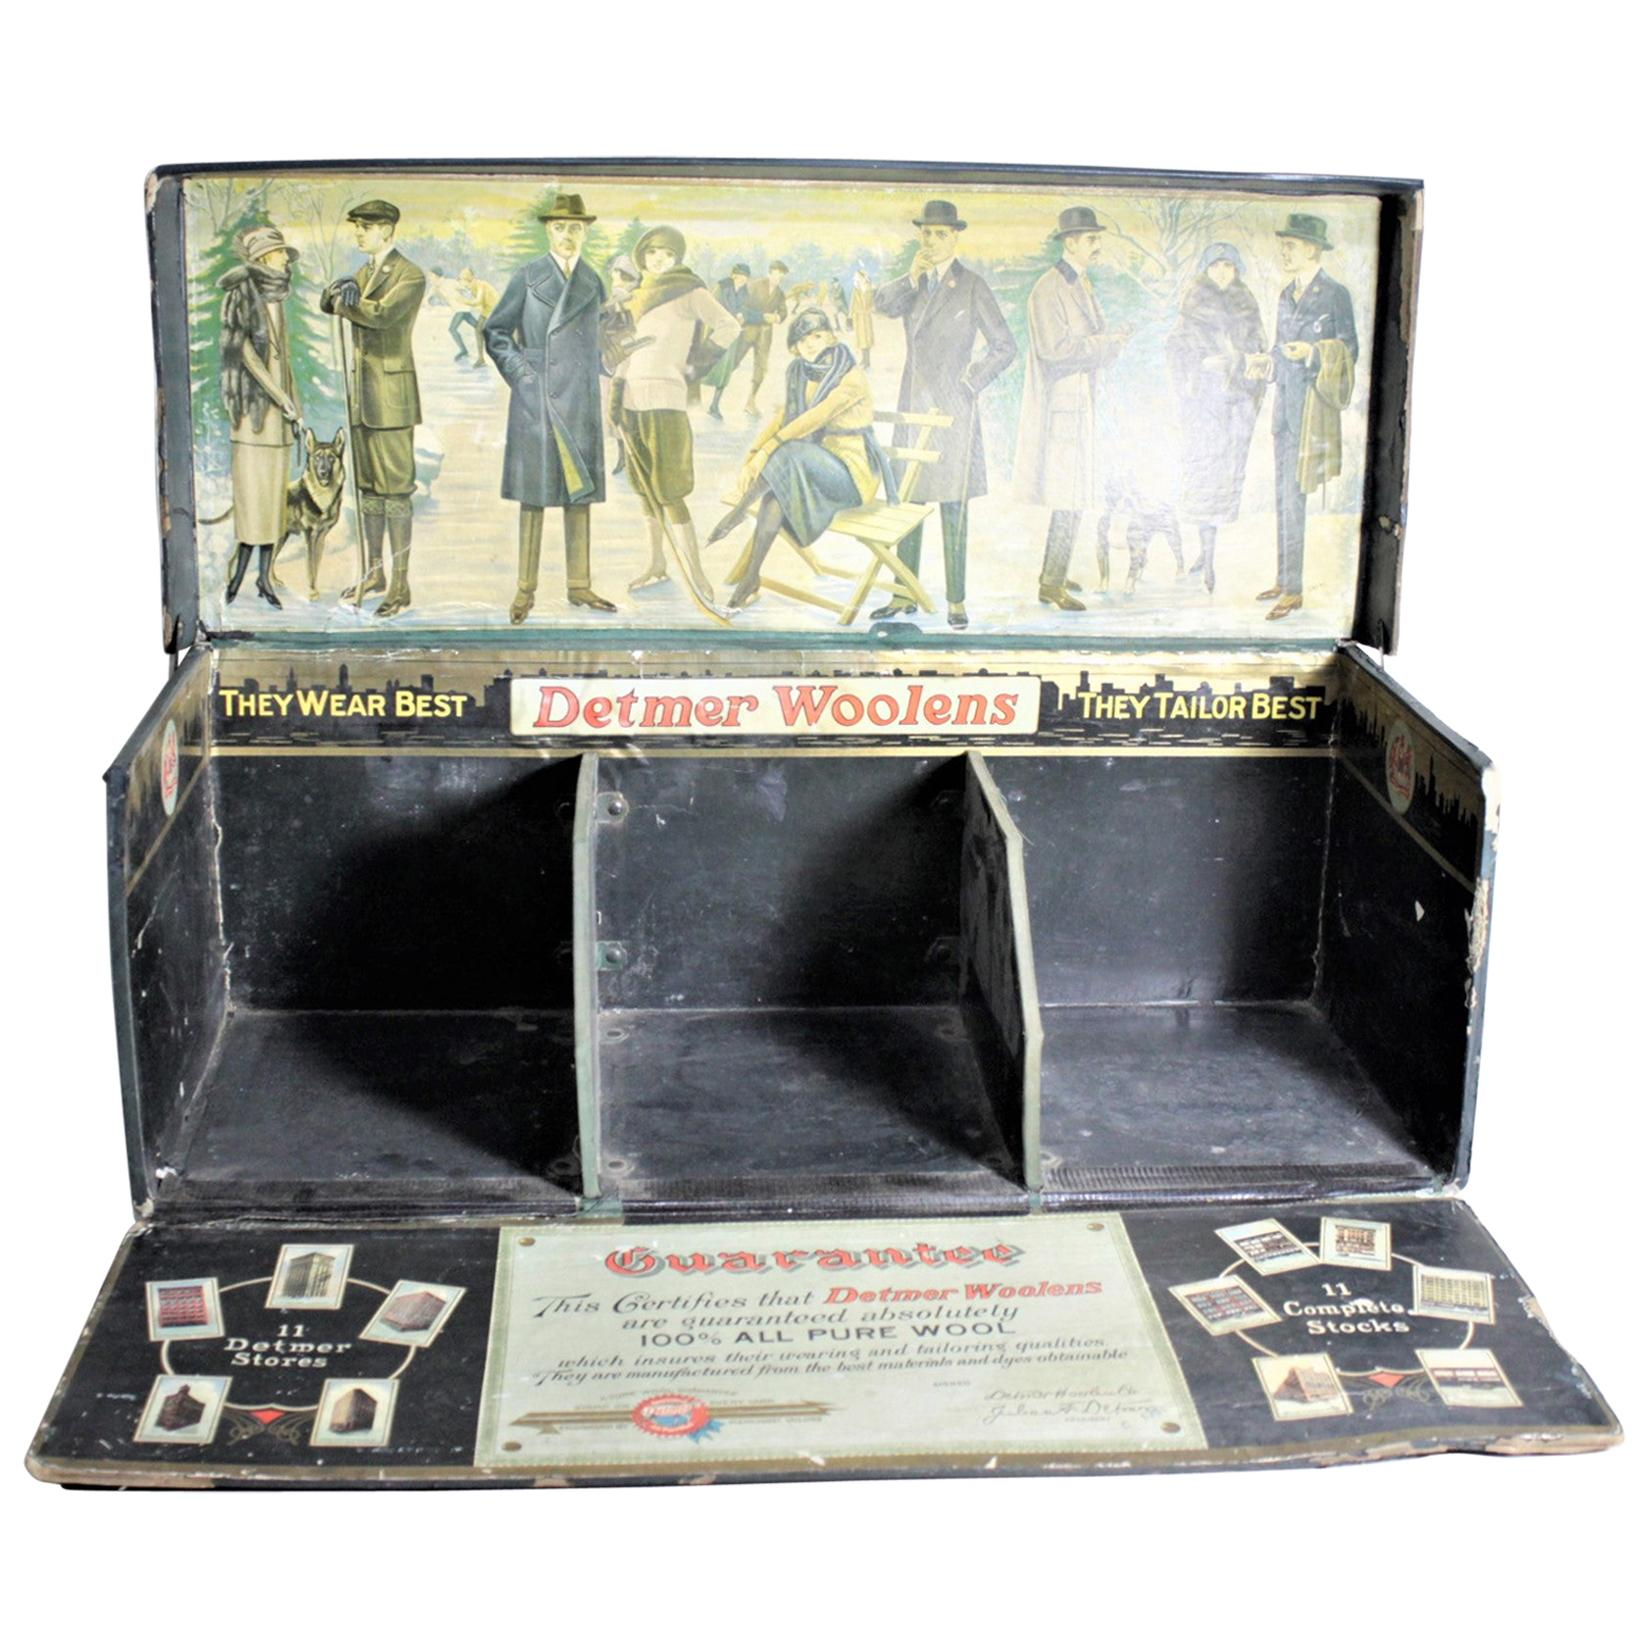 Vintage Detmer Woolens Advertising Store Display or Salesman's Sample Box